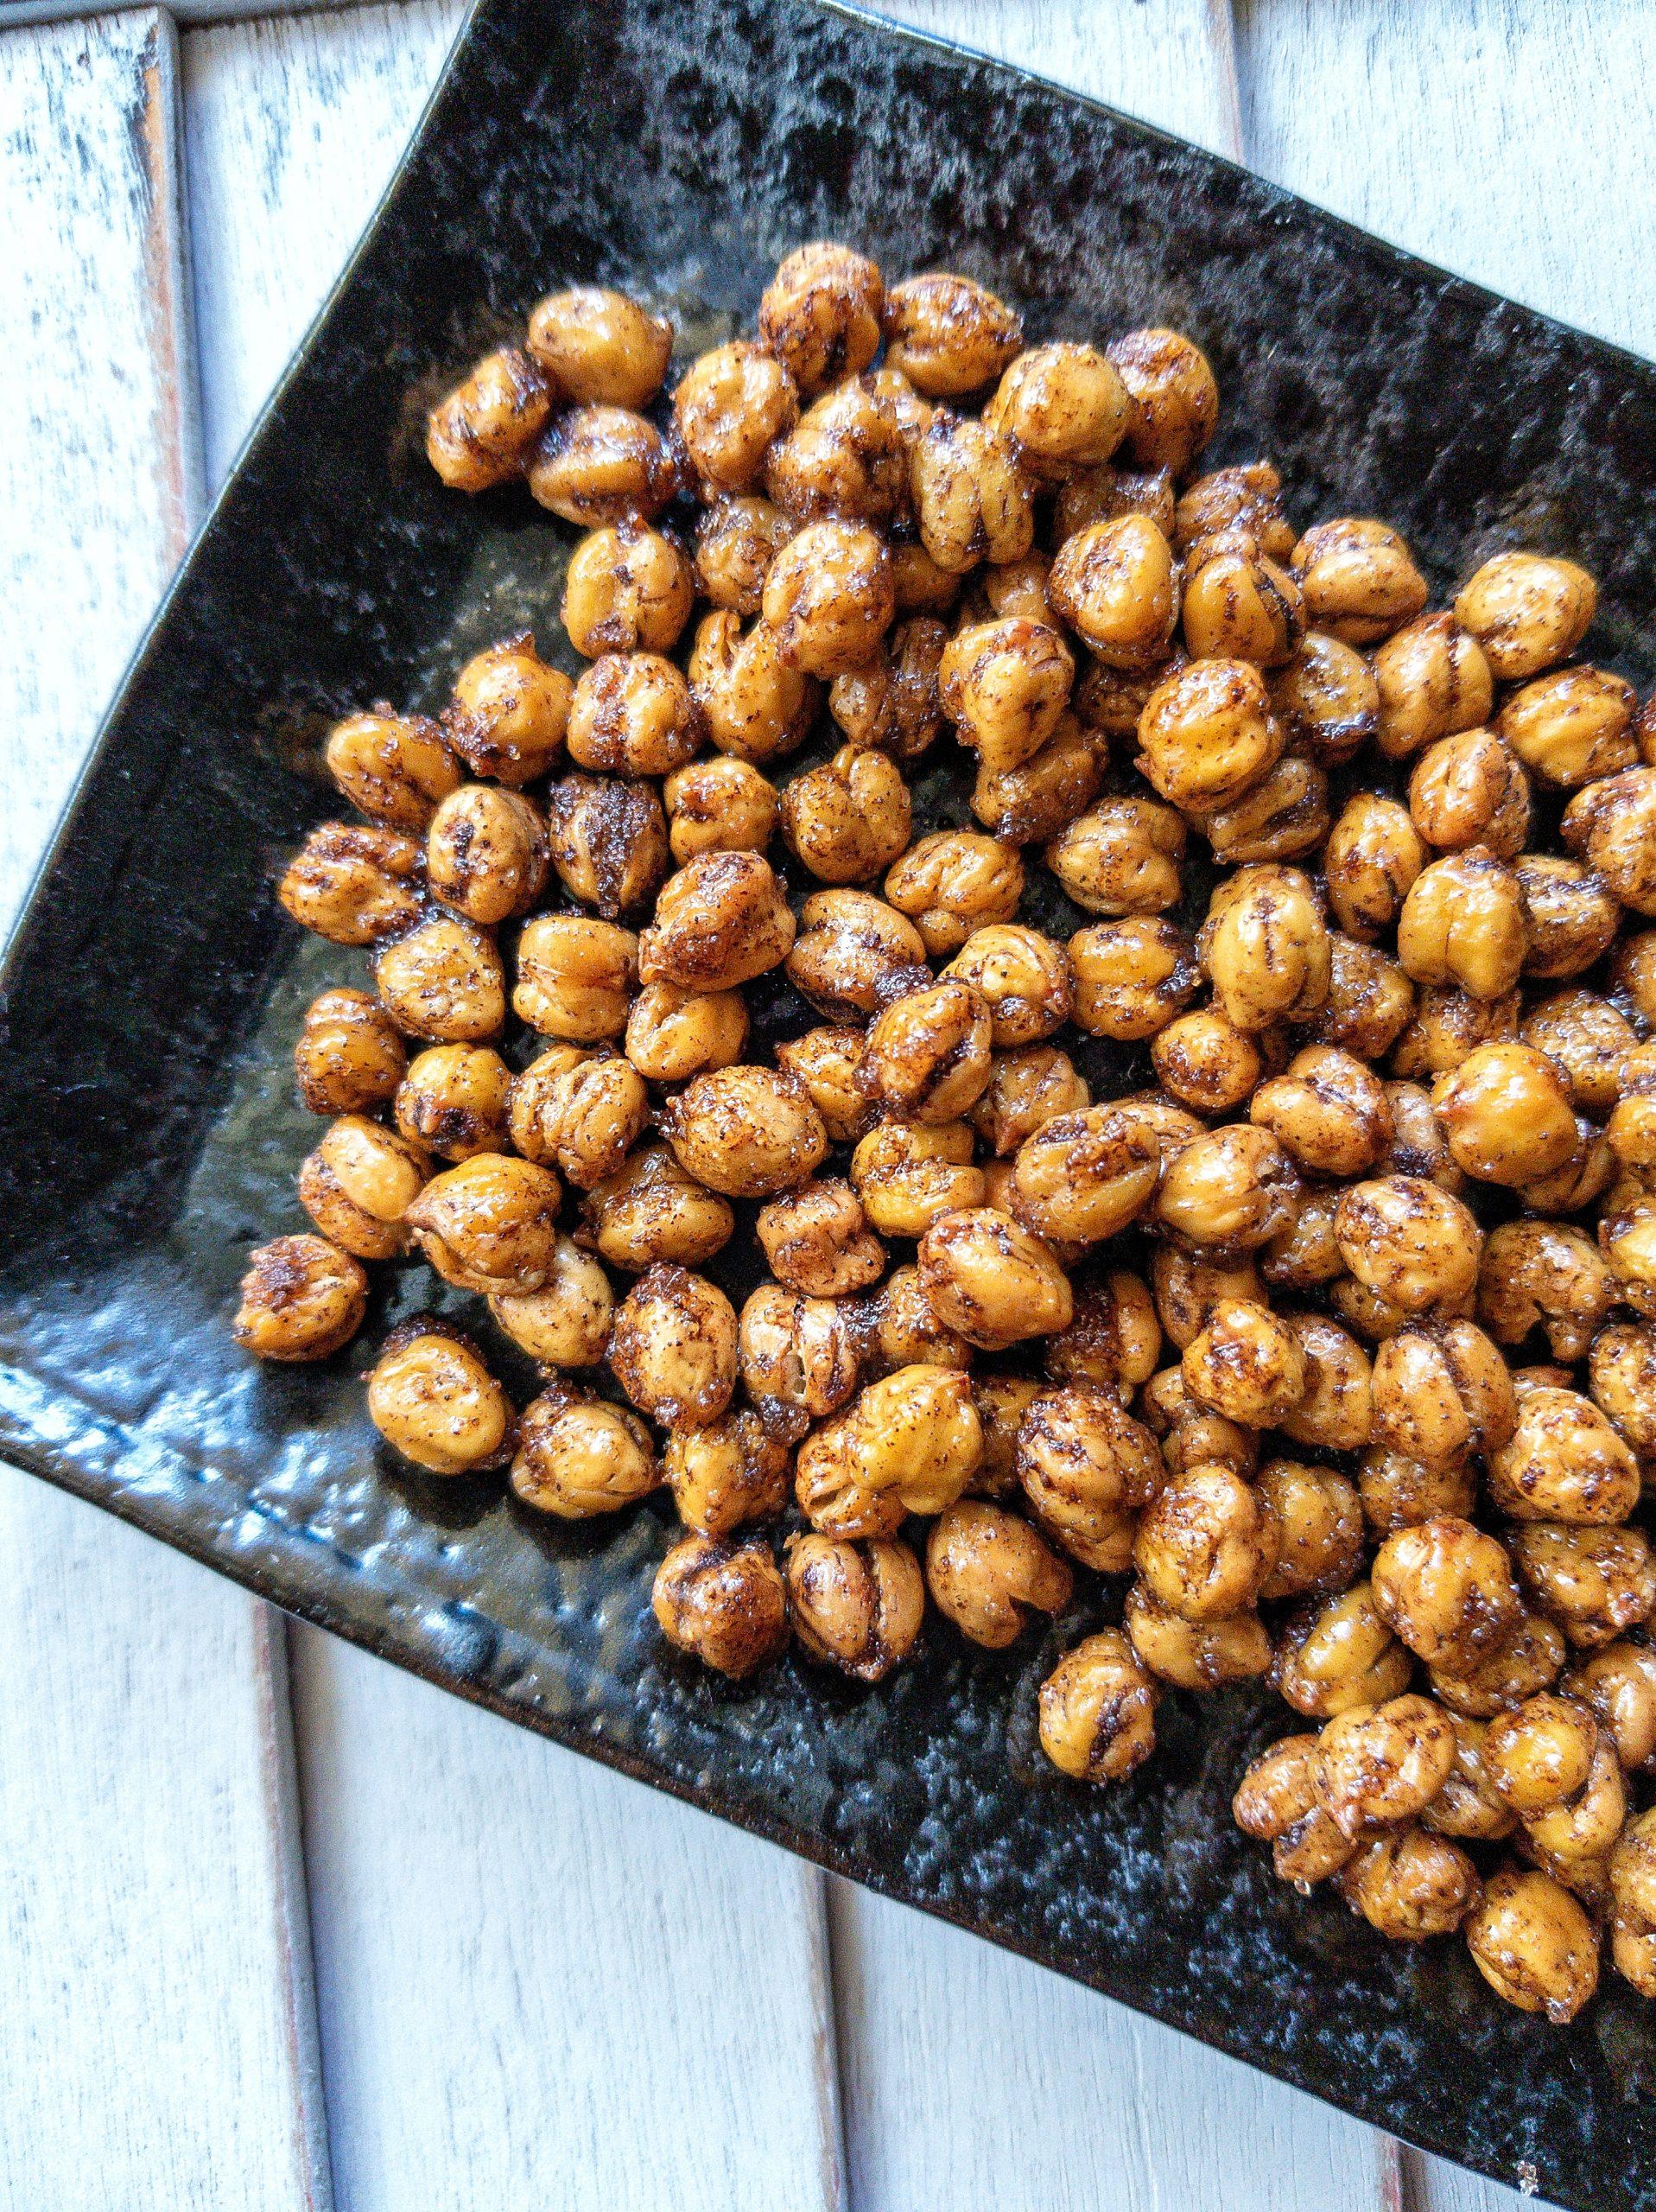 Roasted chickpeas with cinnamon